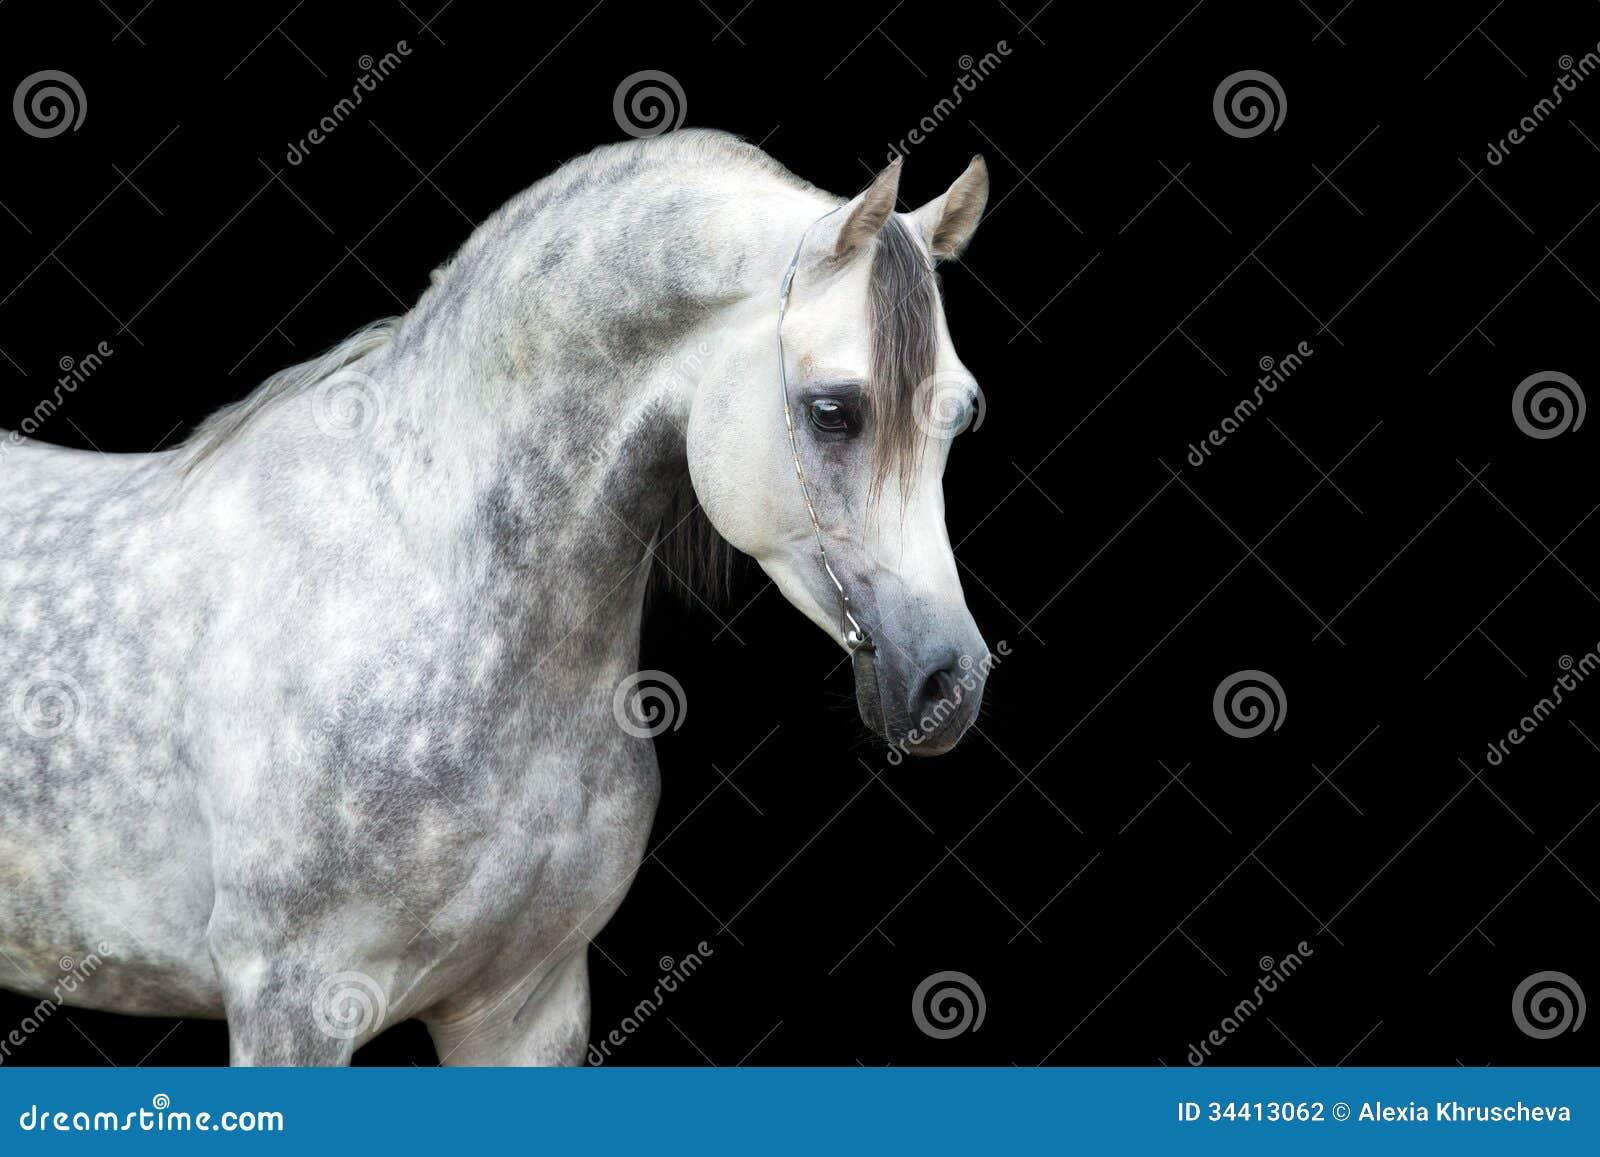 White Horse Isolated On Black Arabian Horse Stock Photo Image Of Portrait Beauty 34413062